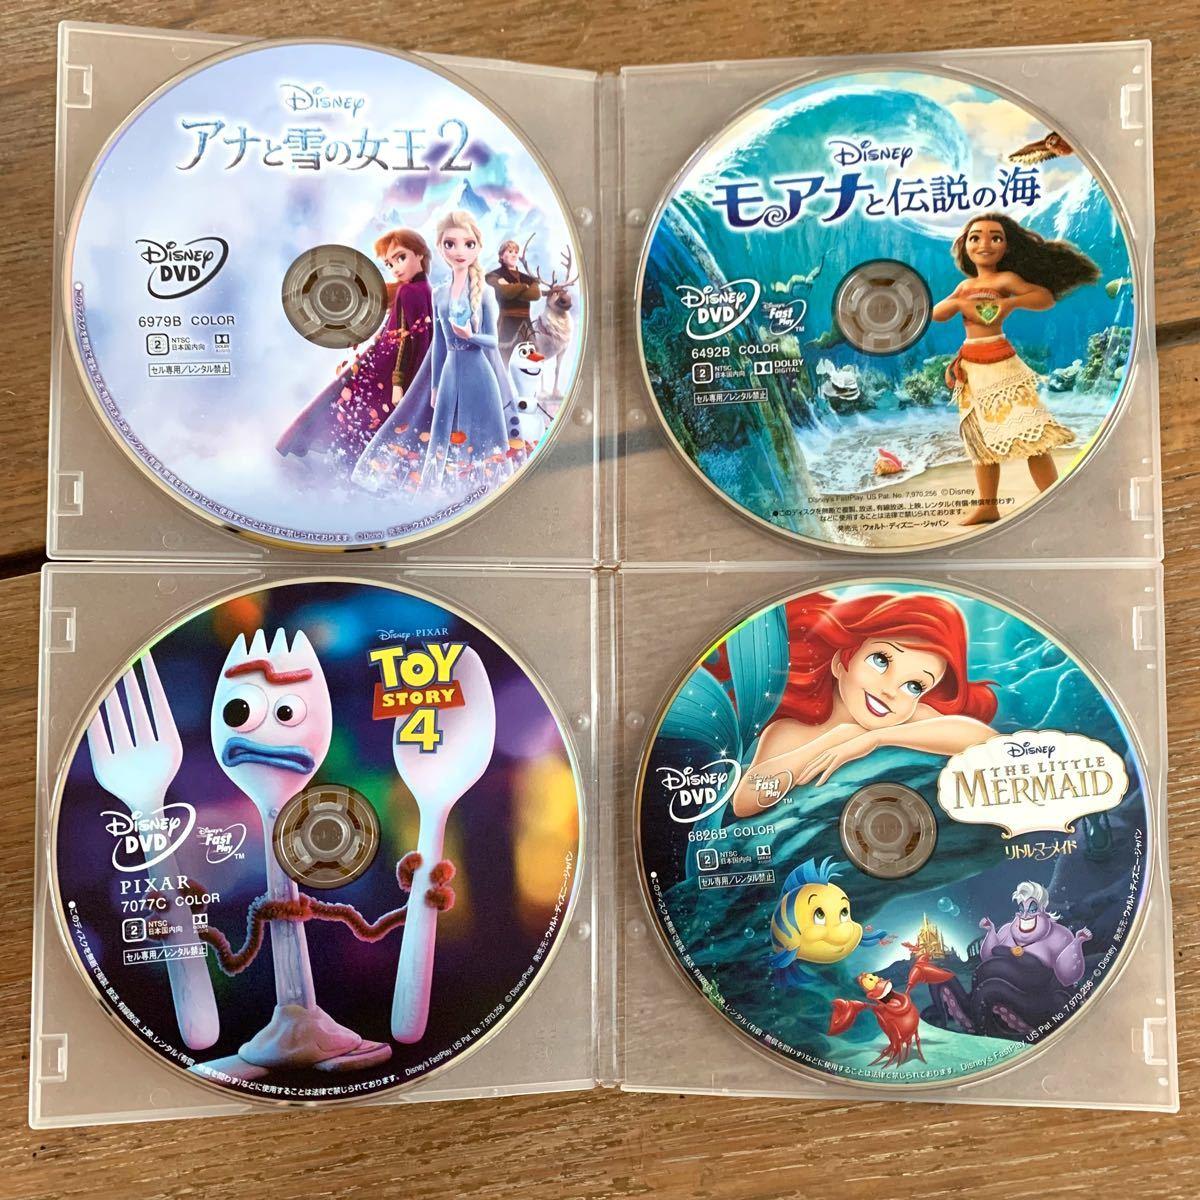 アナと雪の女王2、トイストーリー4、モアナと伝説の海、リトル・マーメイド DVD 4枚セット MovieNEX ディズニー